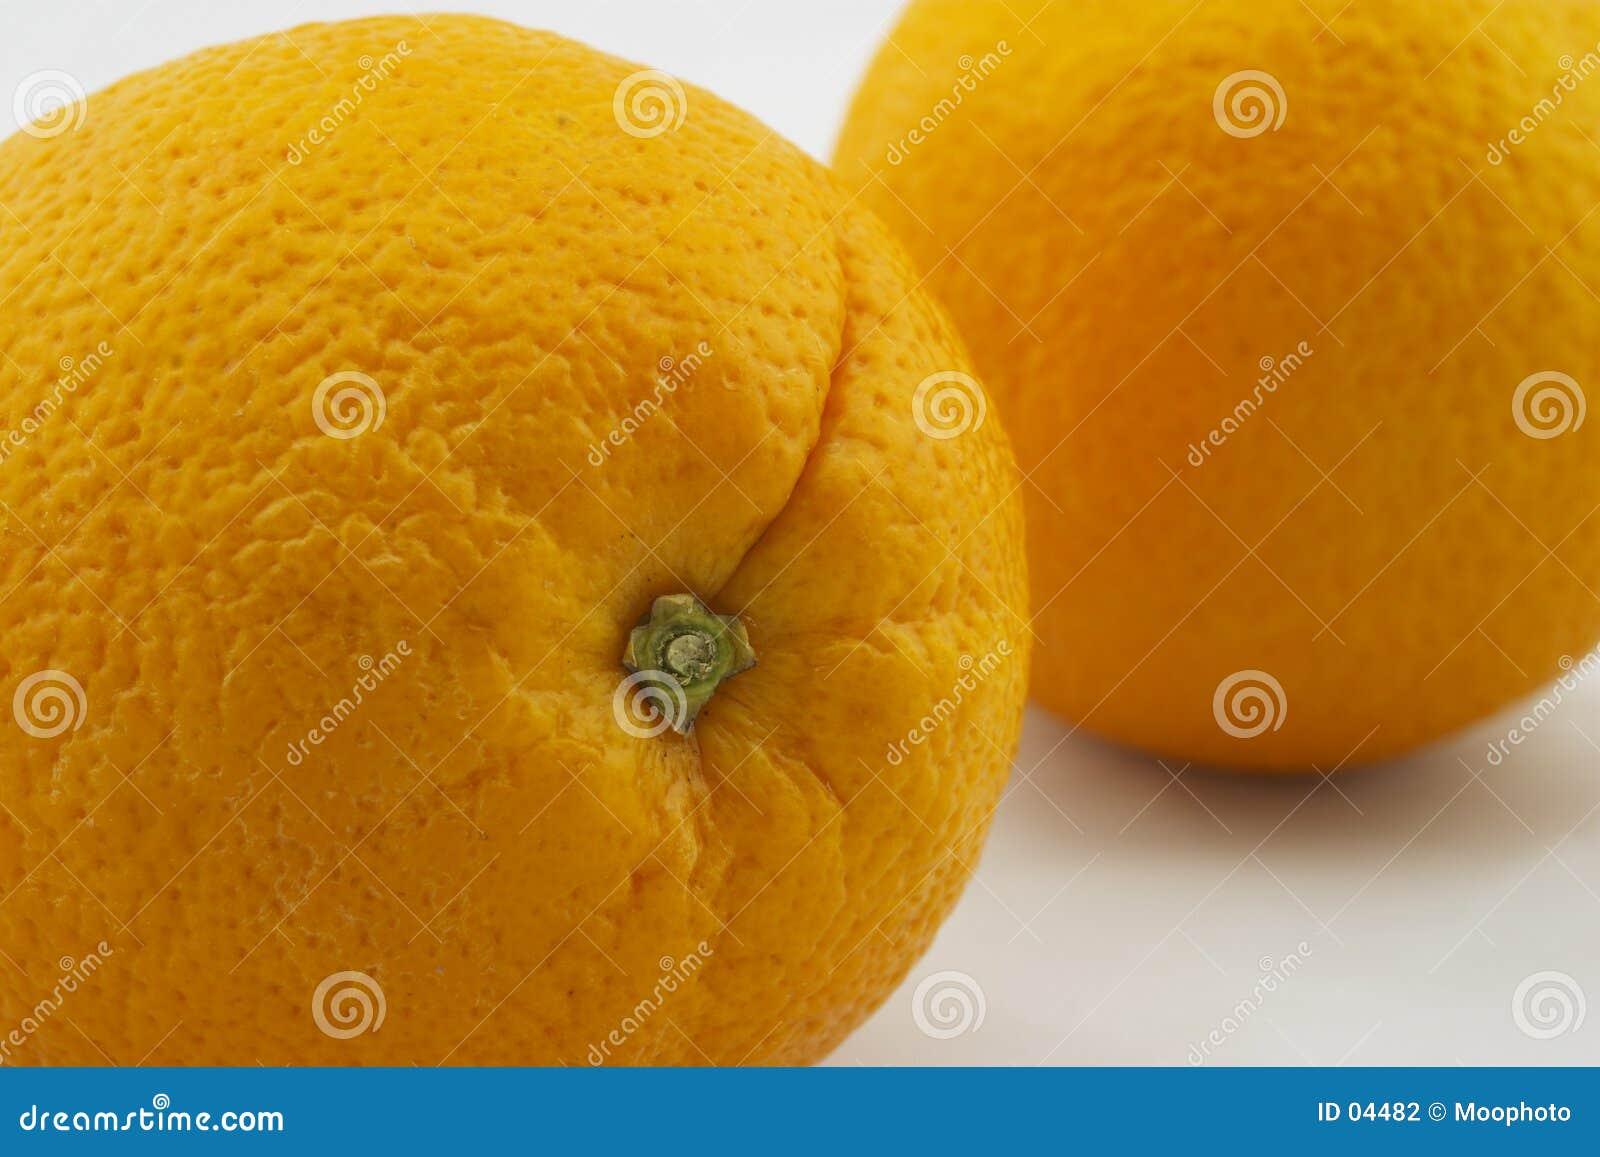 Closeupen görar gropar apelsinstem två